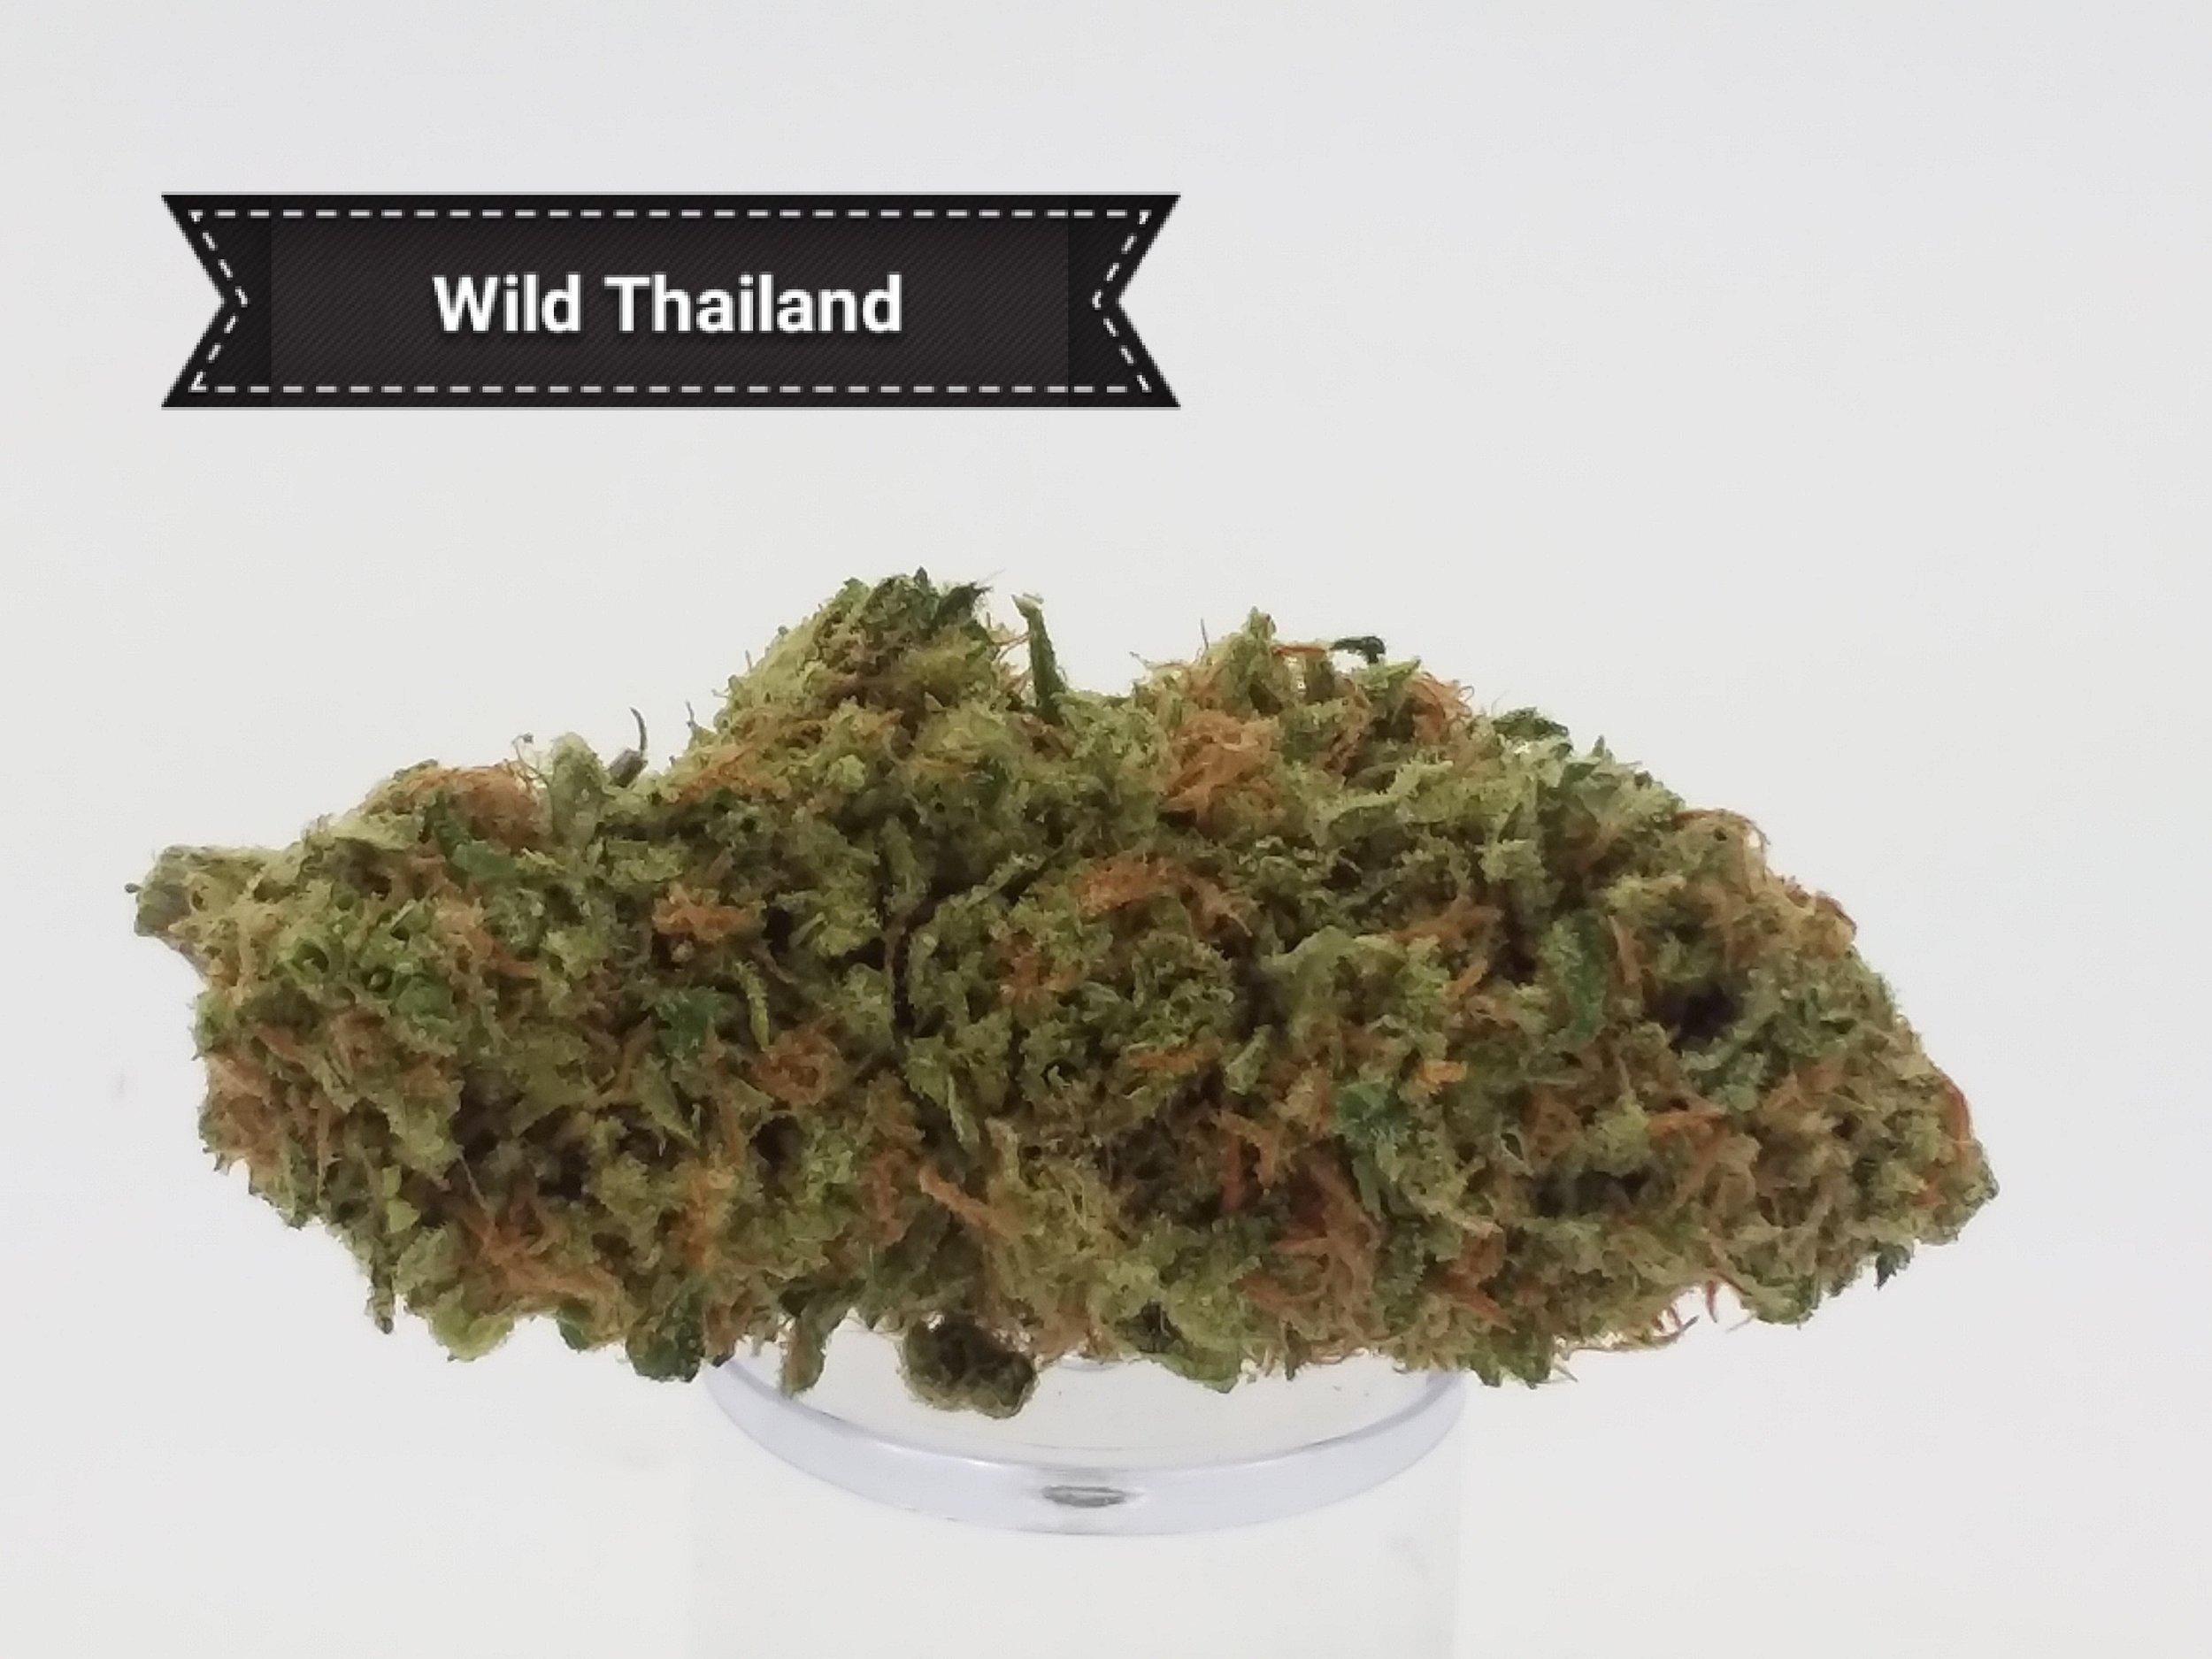 Wild-Thai.jpg